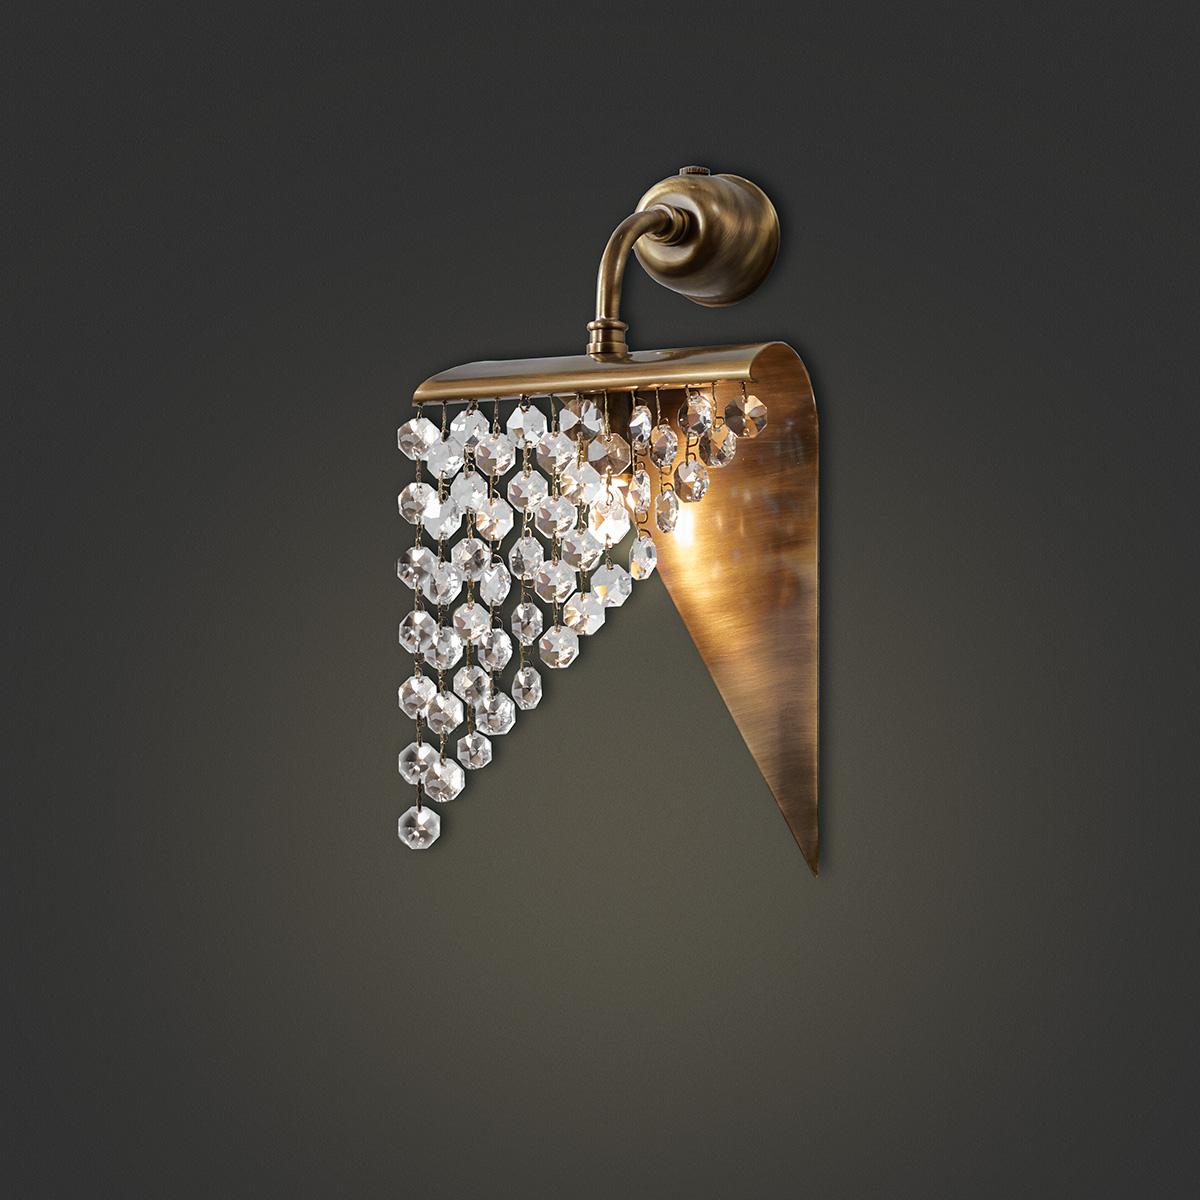 Επιτοίχιο φωτιστικό με κρύσταλλα ΕΡΜΗΣ wall lamp with crystal accents